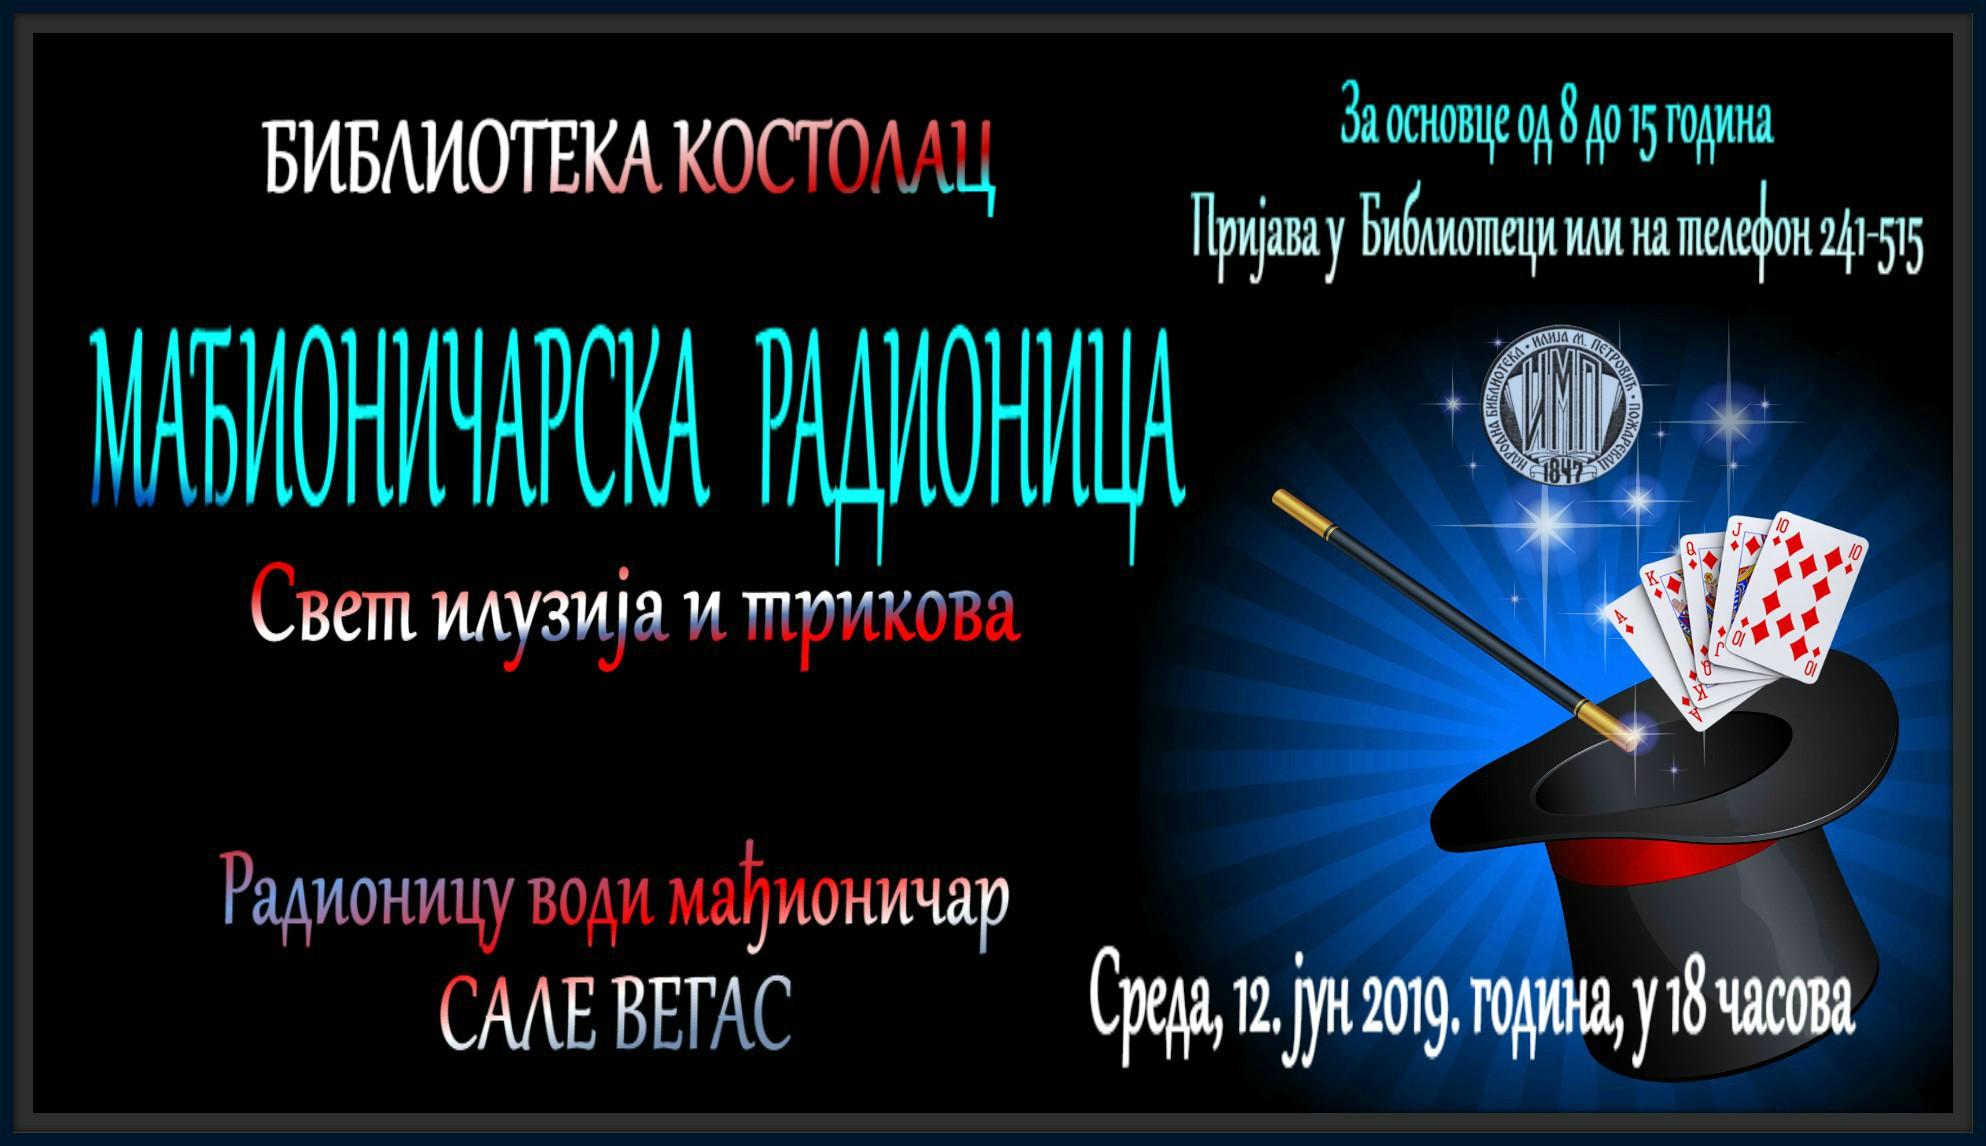 Mađioničarska radionica 2